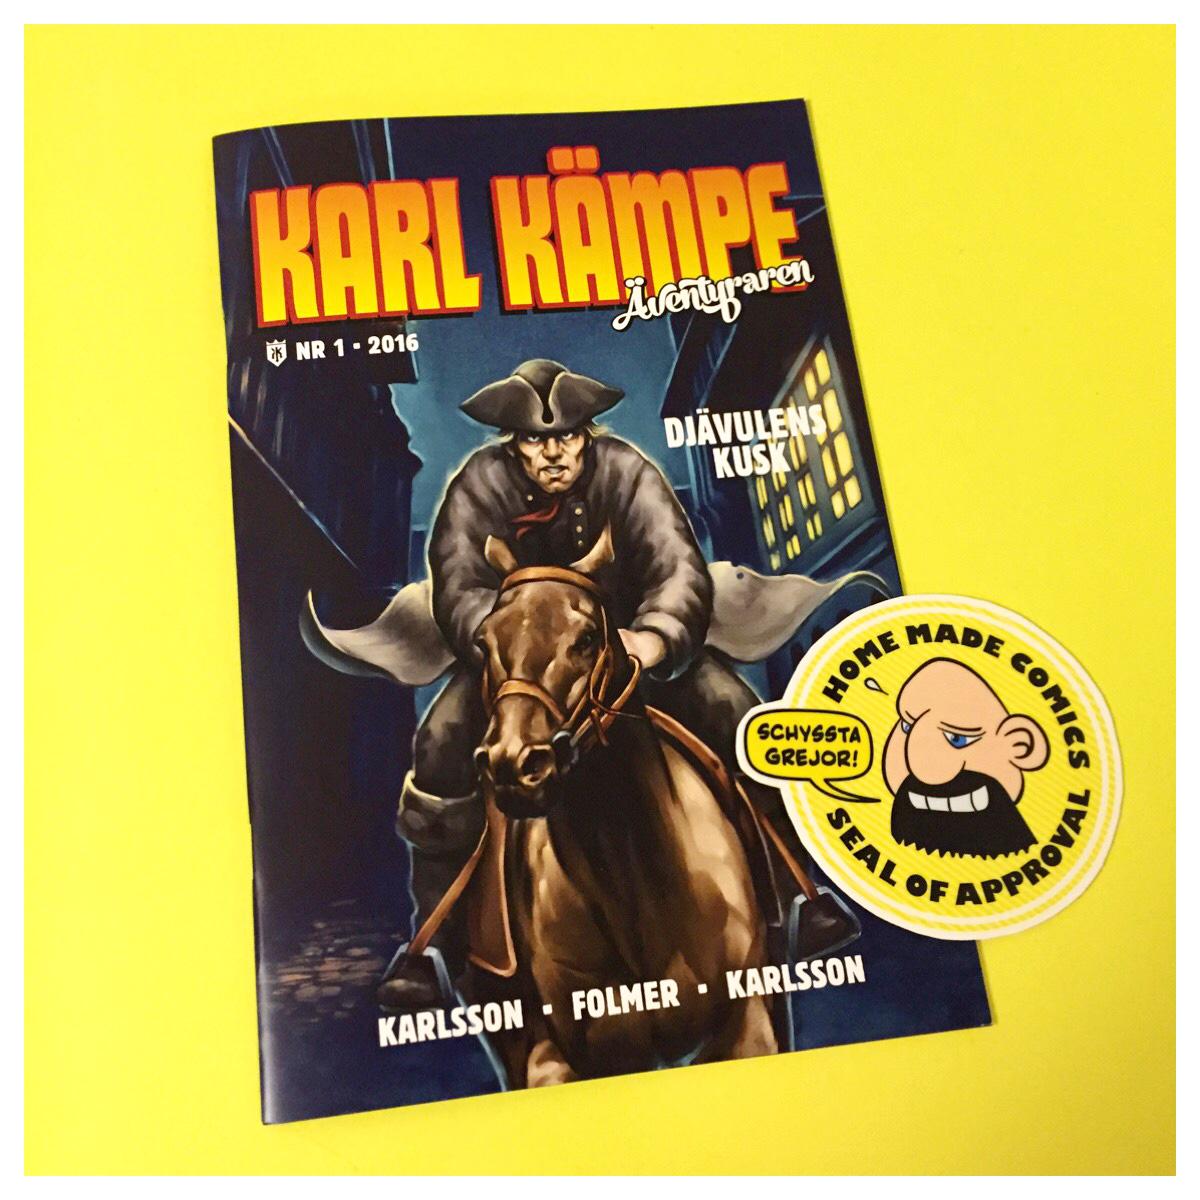 Home Made Comics Seal of Approval #146. Karl Kämpe äventyraren Djävulens kusk av Jörgen Karlsson, Per Folmer och Daniel Karlsson utgiven 2016.